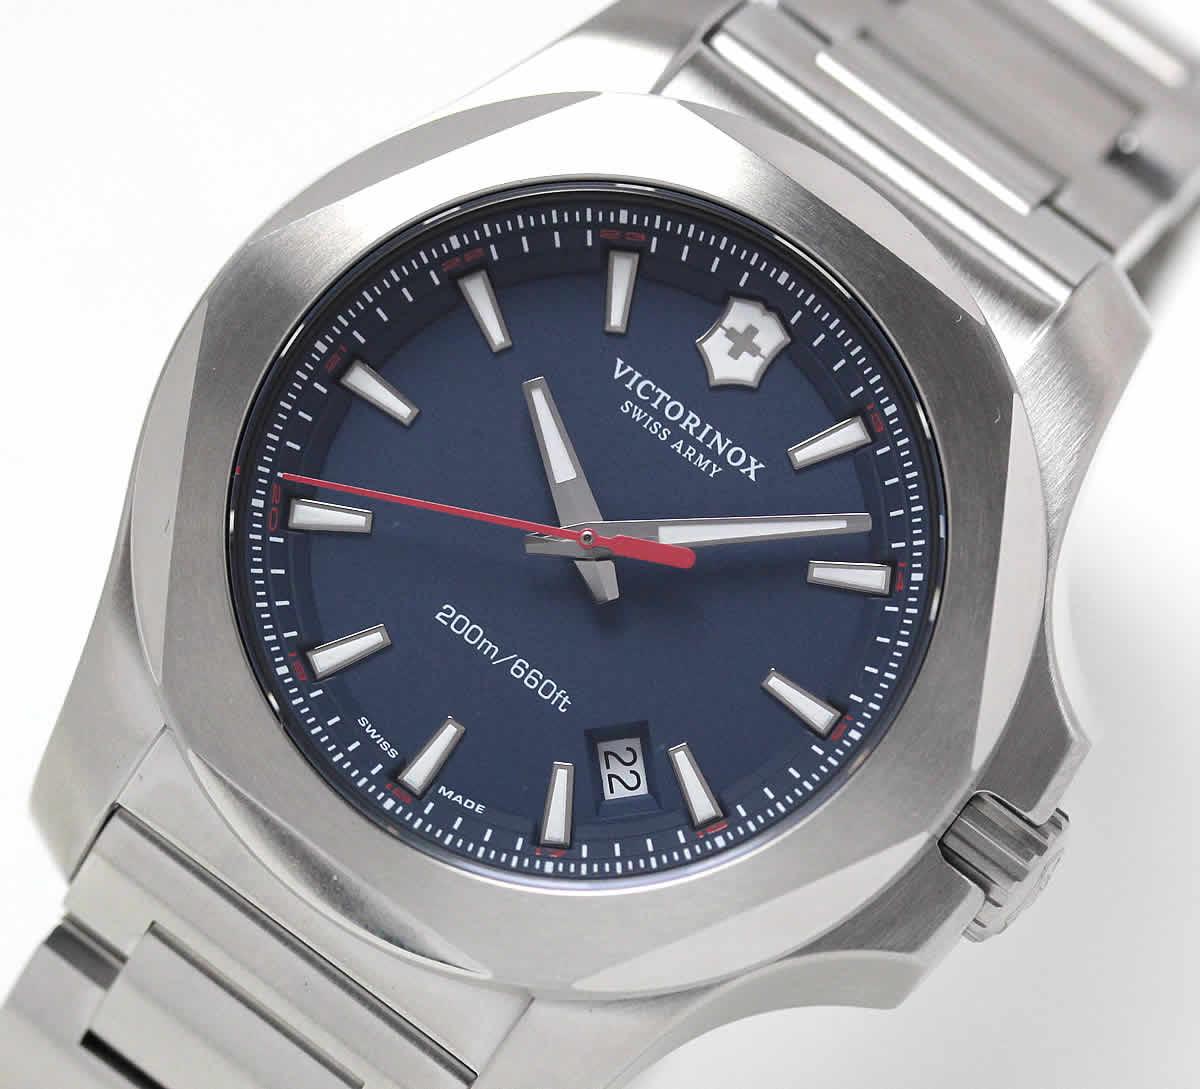 ビクトリノックス スイスアーミー 時計 イノックス ブルー